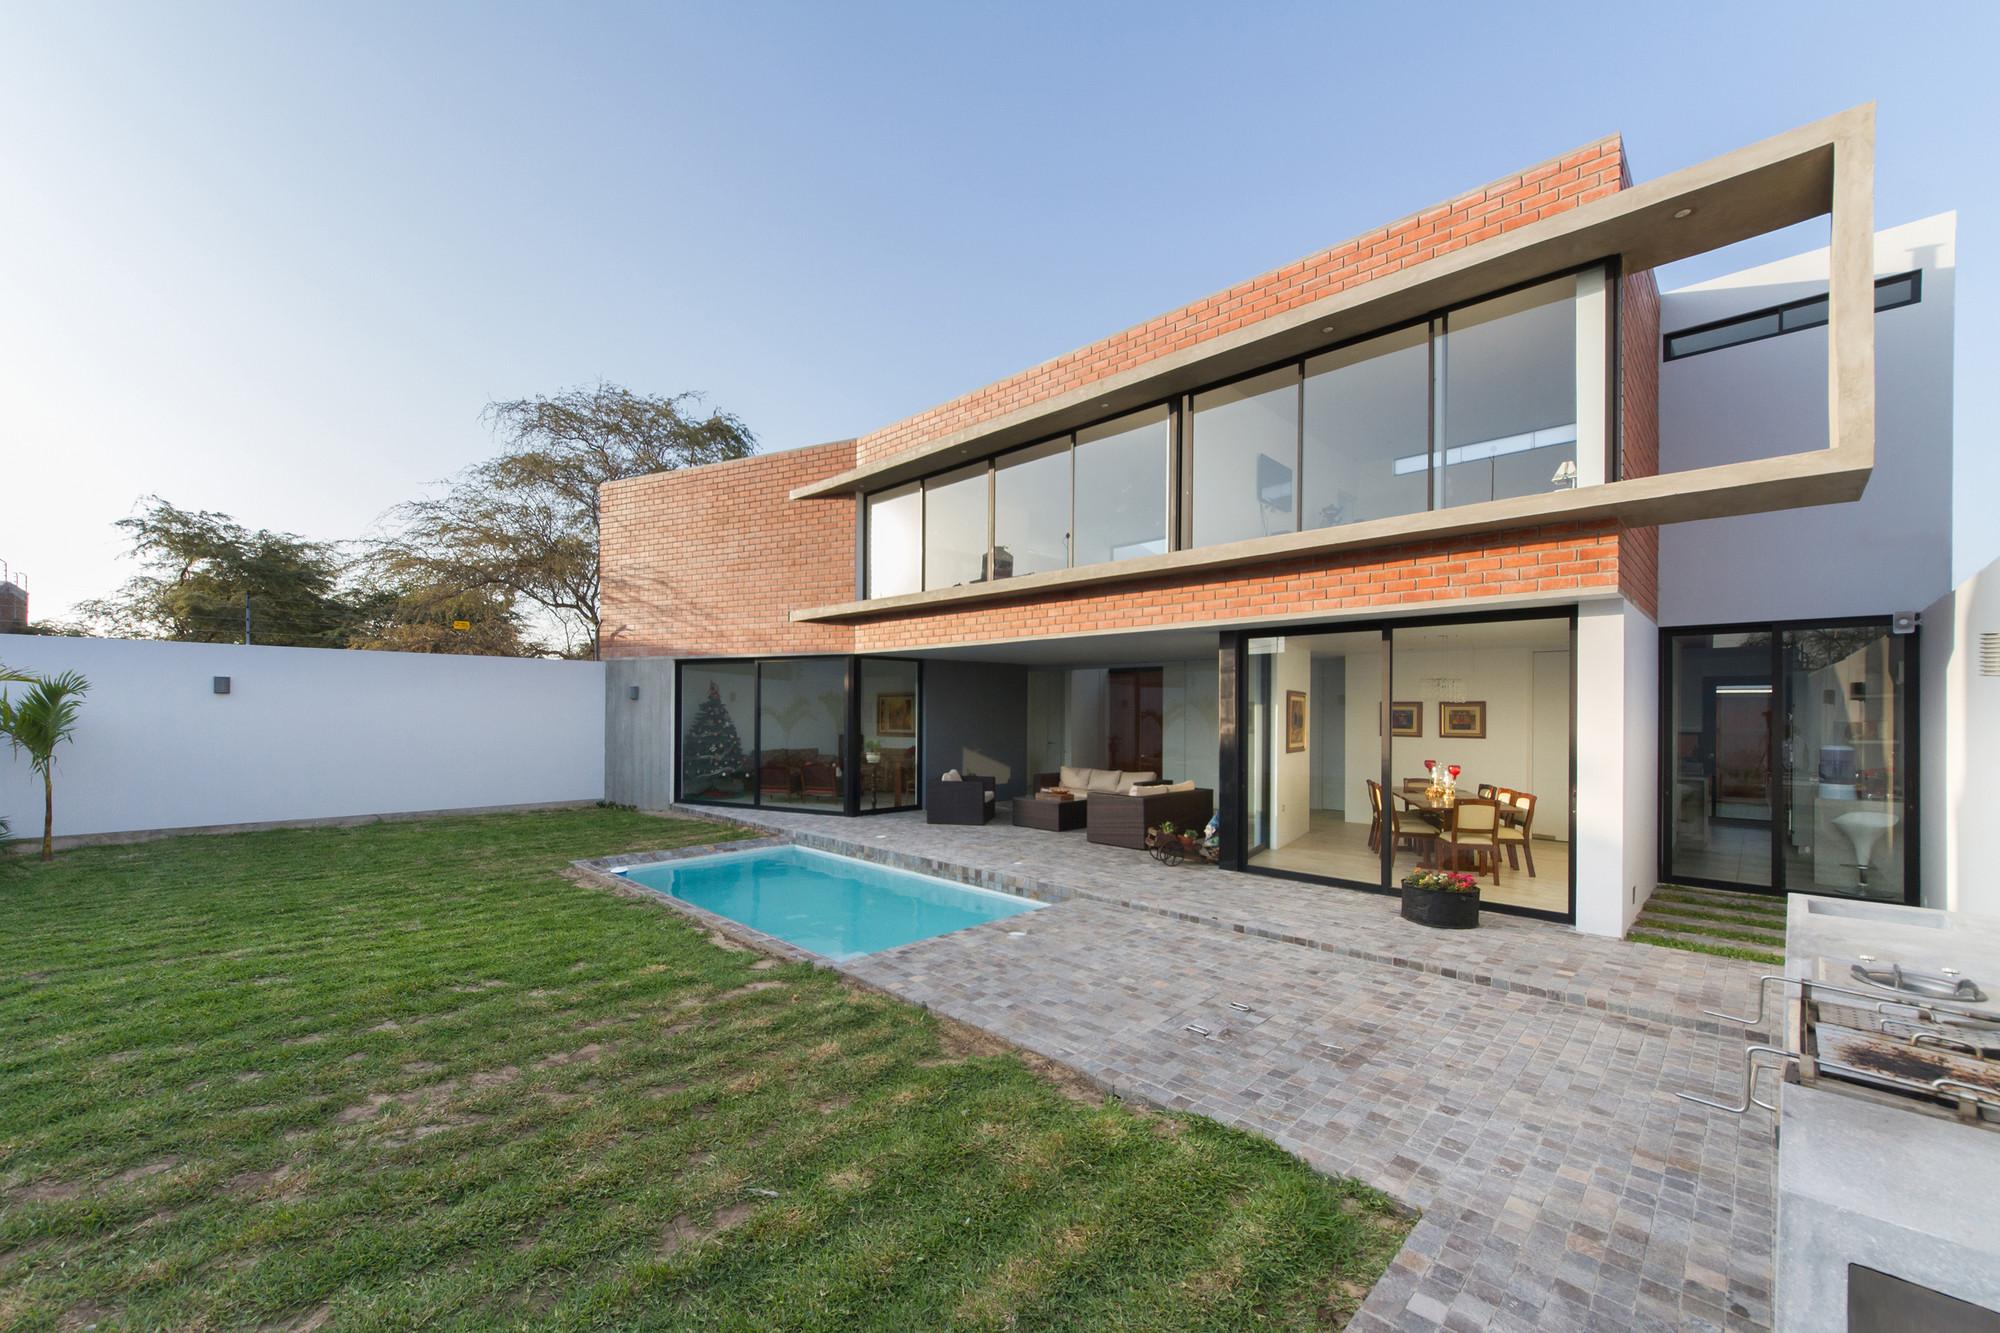 Galeria de casa lb piura riofrio rodrigo arquitectos 12 for Arquitectos para casas